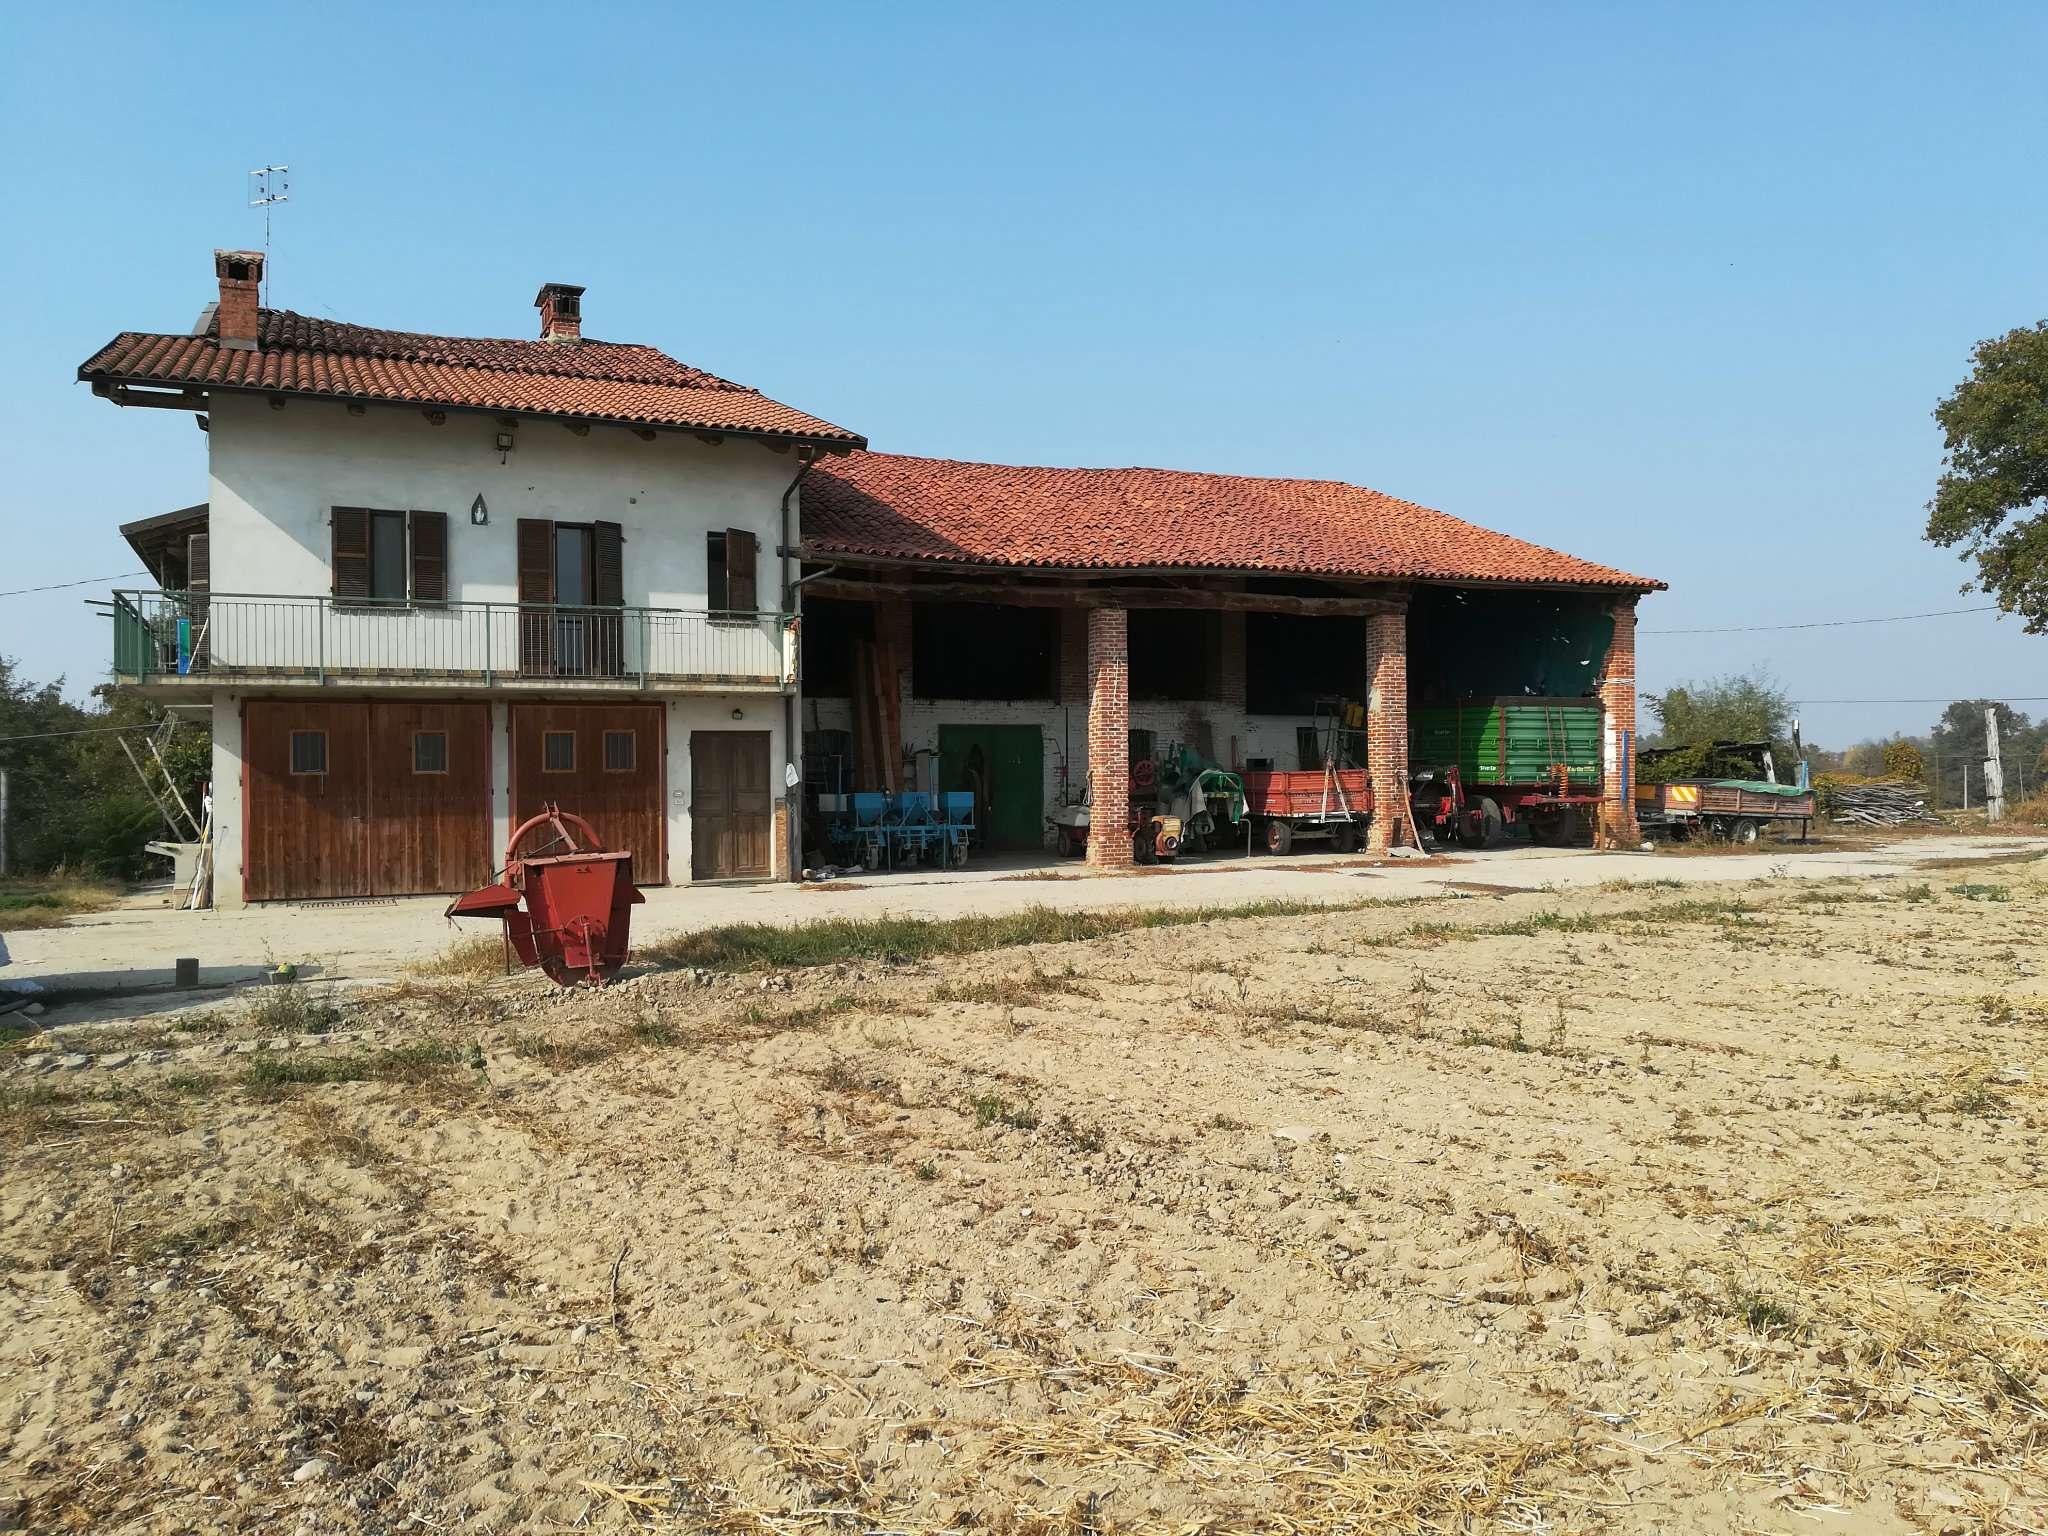 Rustico / Casale in vendita a Mondovì, 4 locali, prezzo € 480.000 | CambioCasa.it